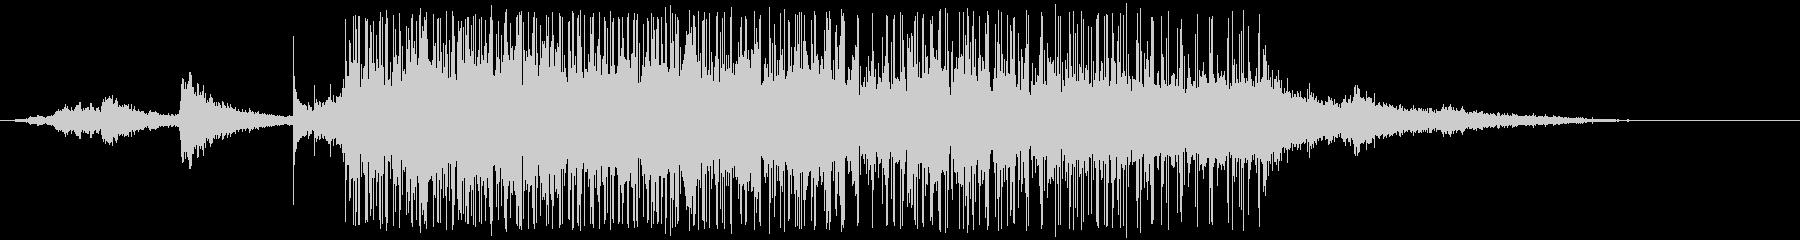 ブラインド信号の未再生の波形